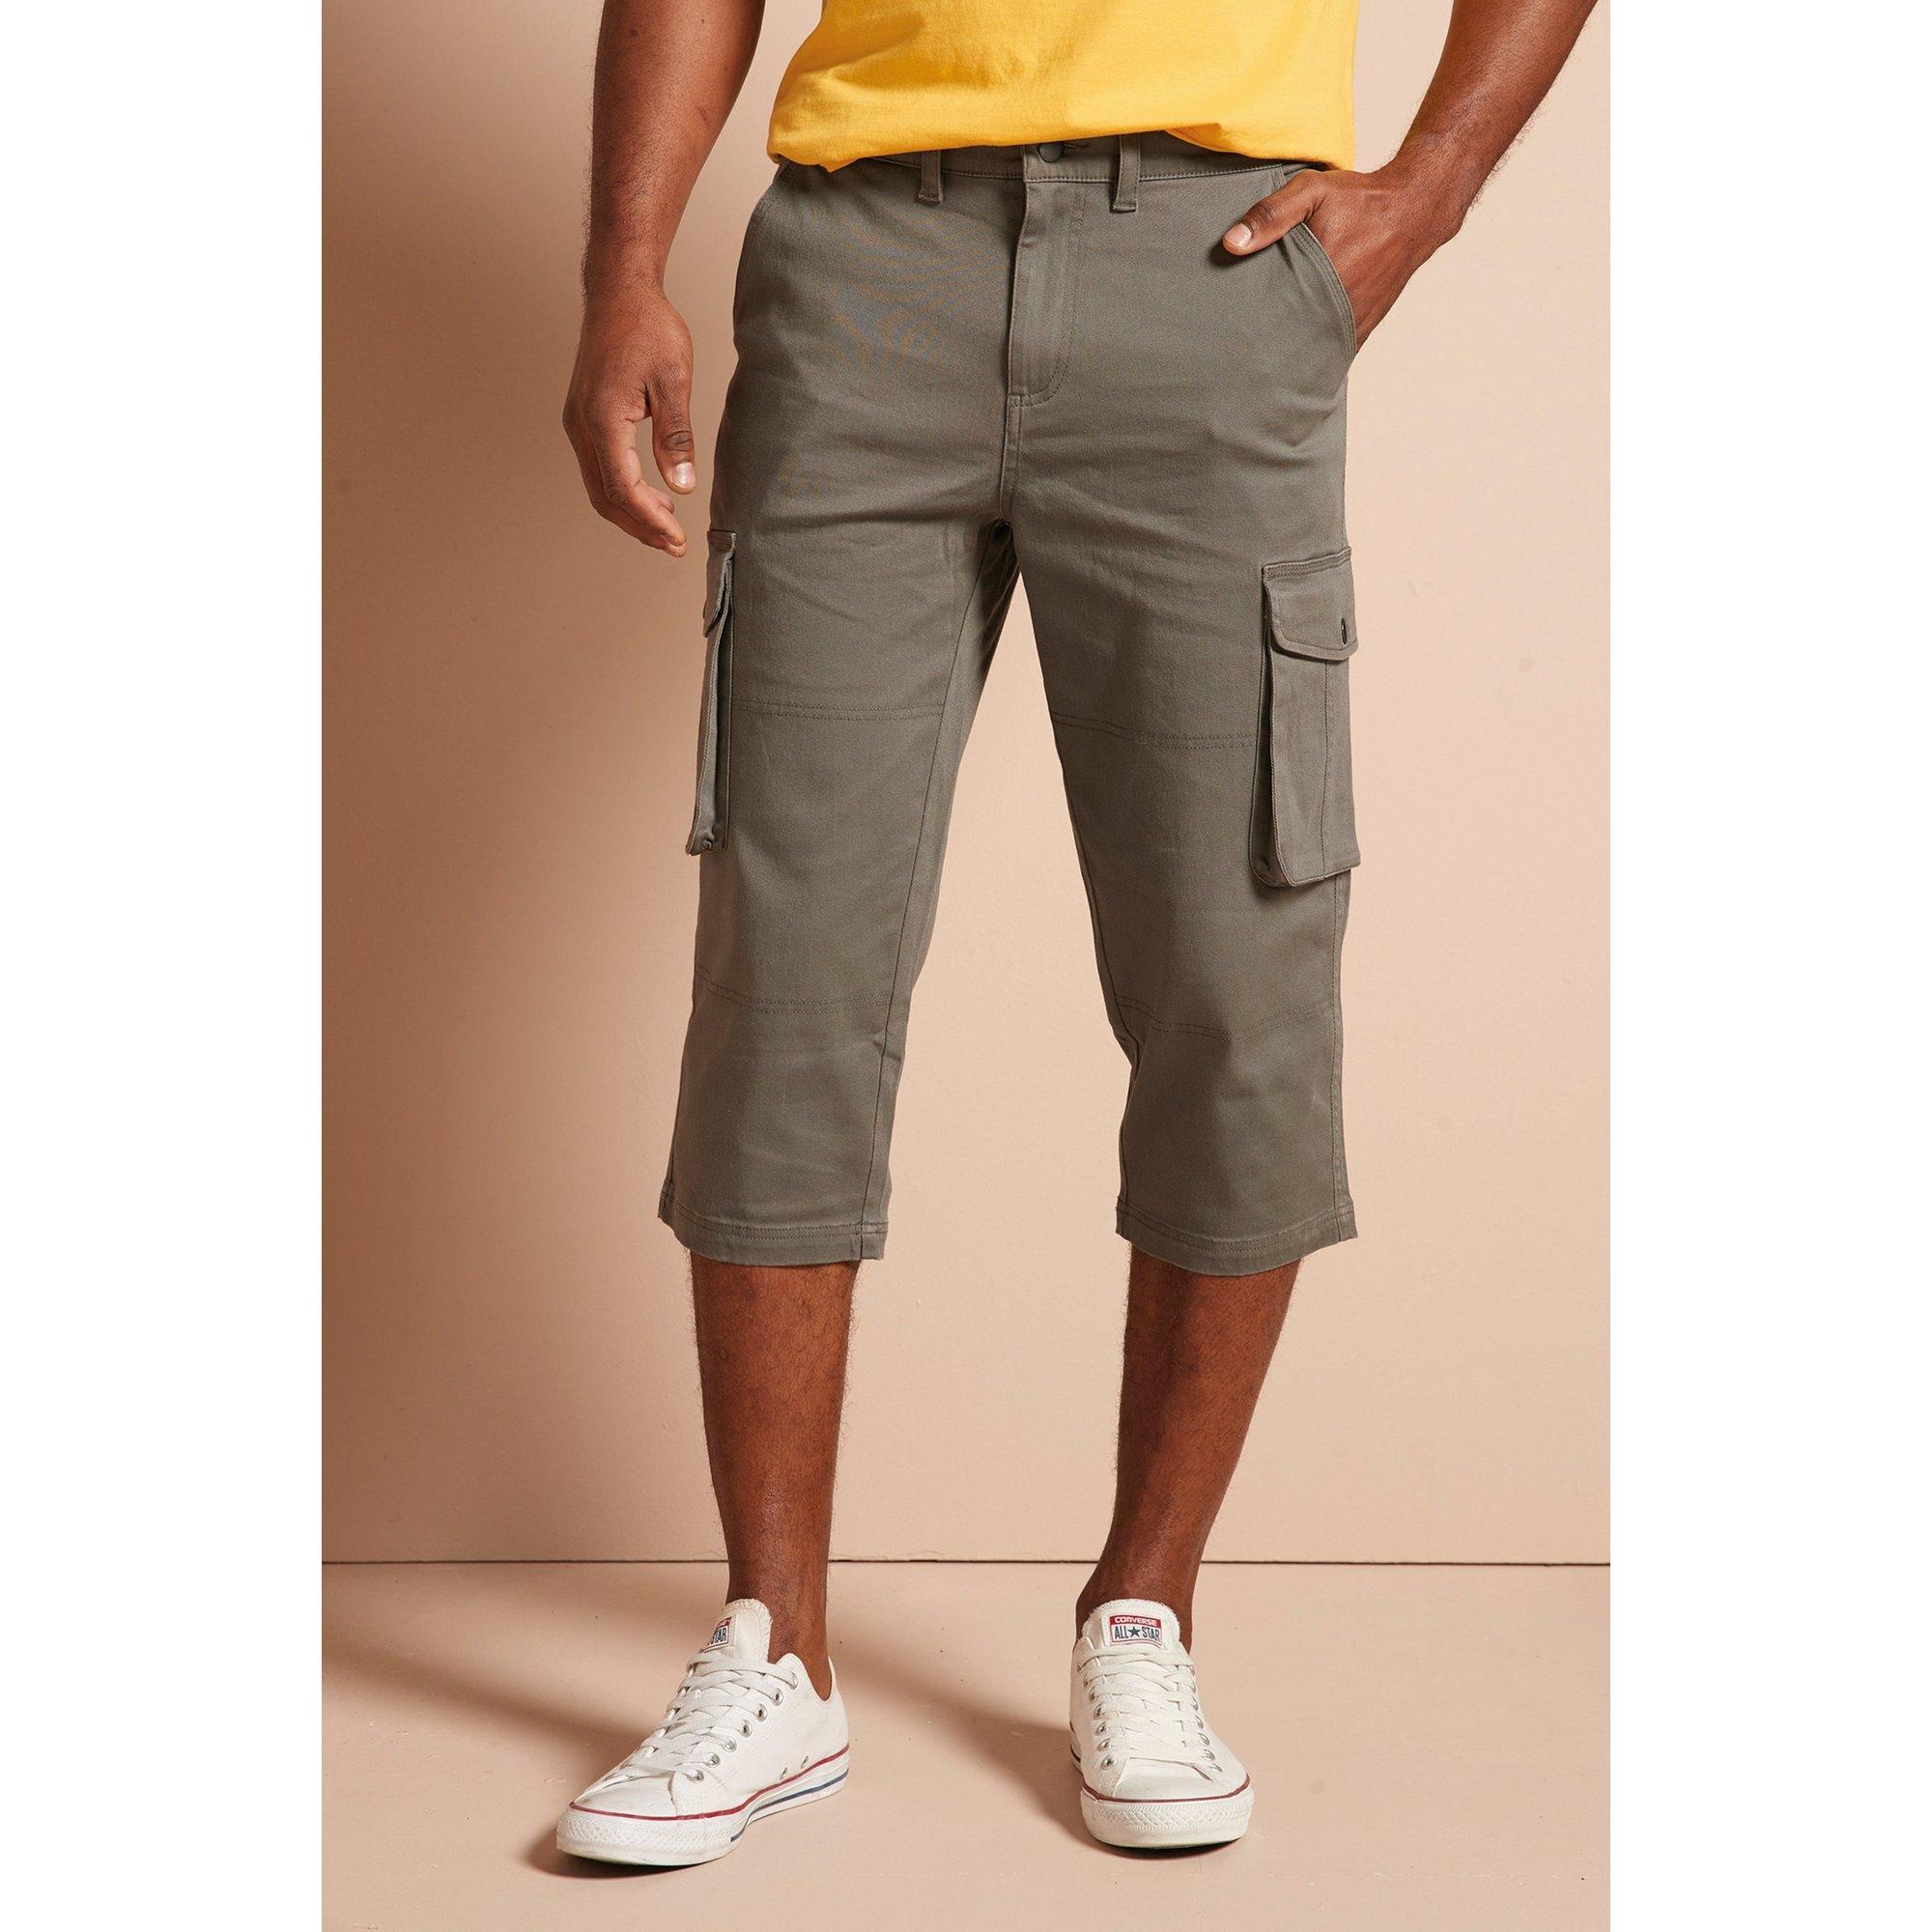 Image of 3/4 Length Cargo Shorts